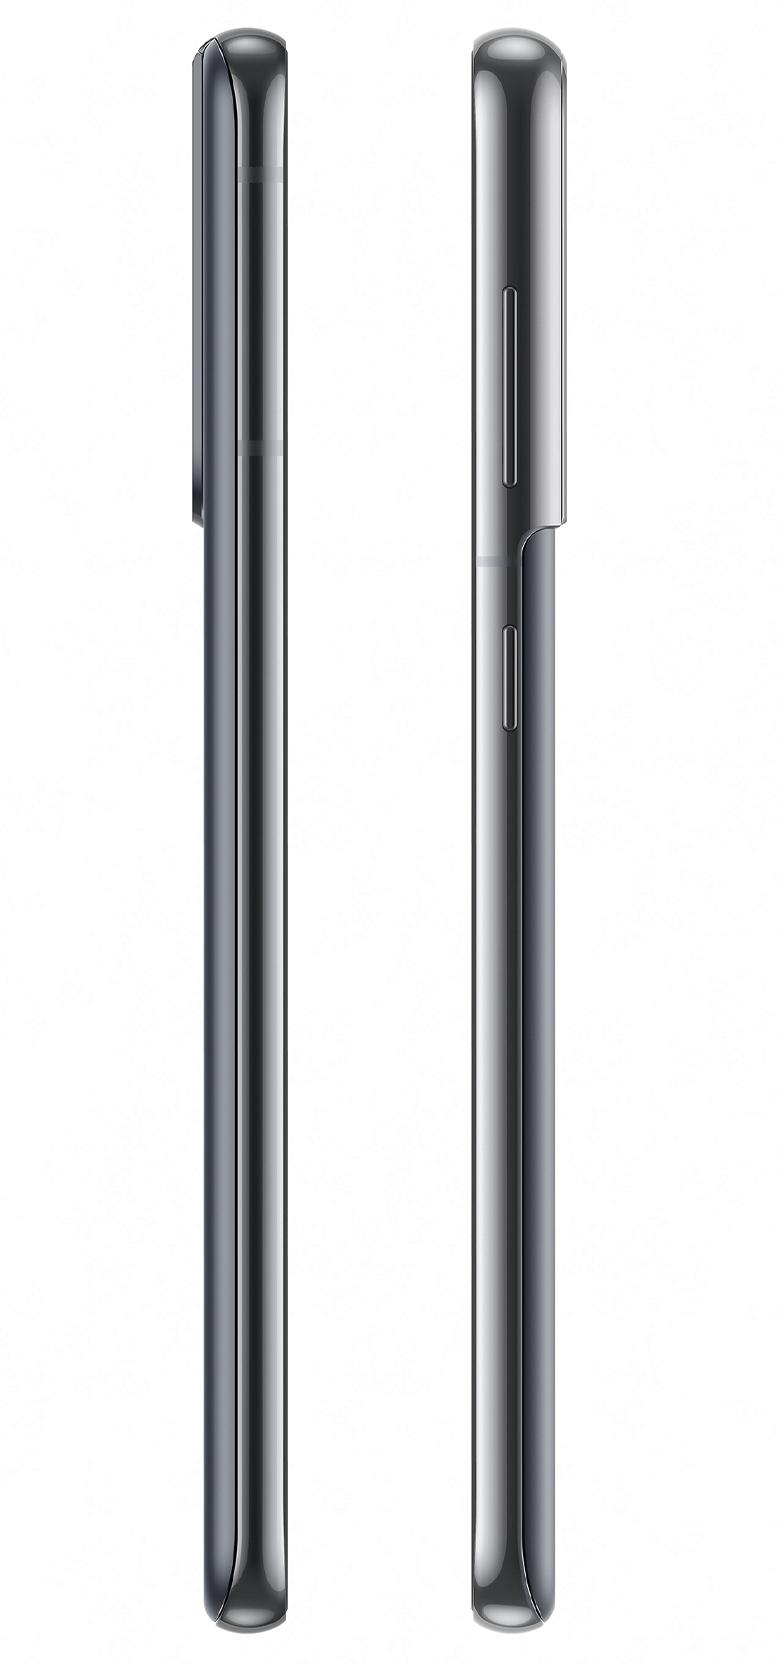 Samsung Galaxy S21 Phantom Gray 8GB RAM |128GB